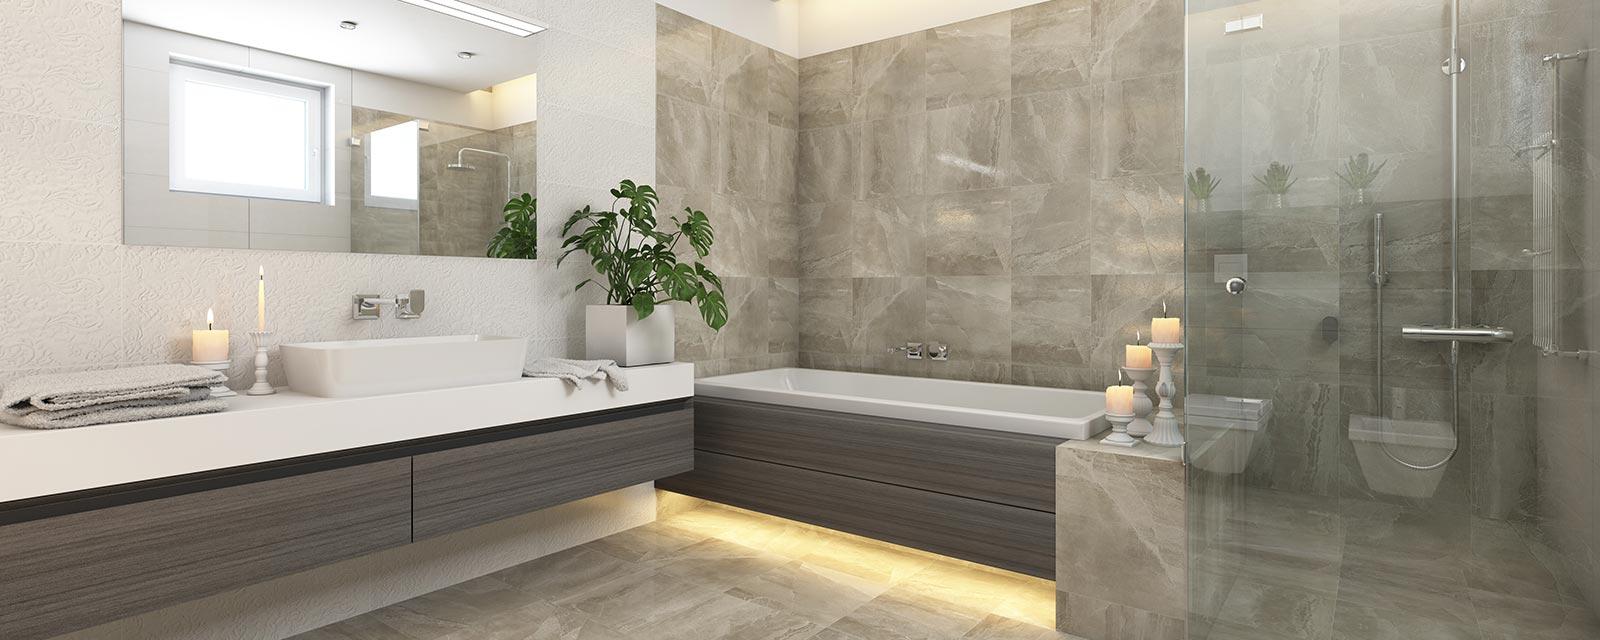 Basse Tension Salle De Bain les règles de sécurité électrique dans une salle de bains